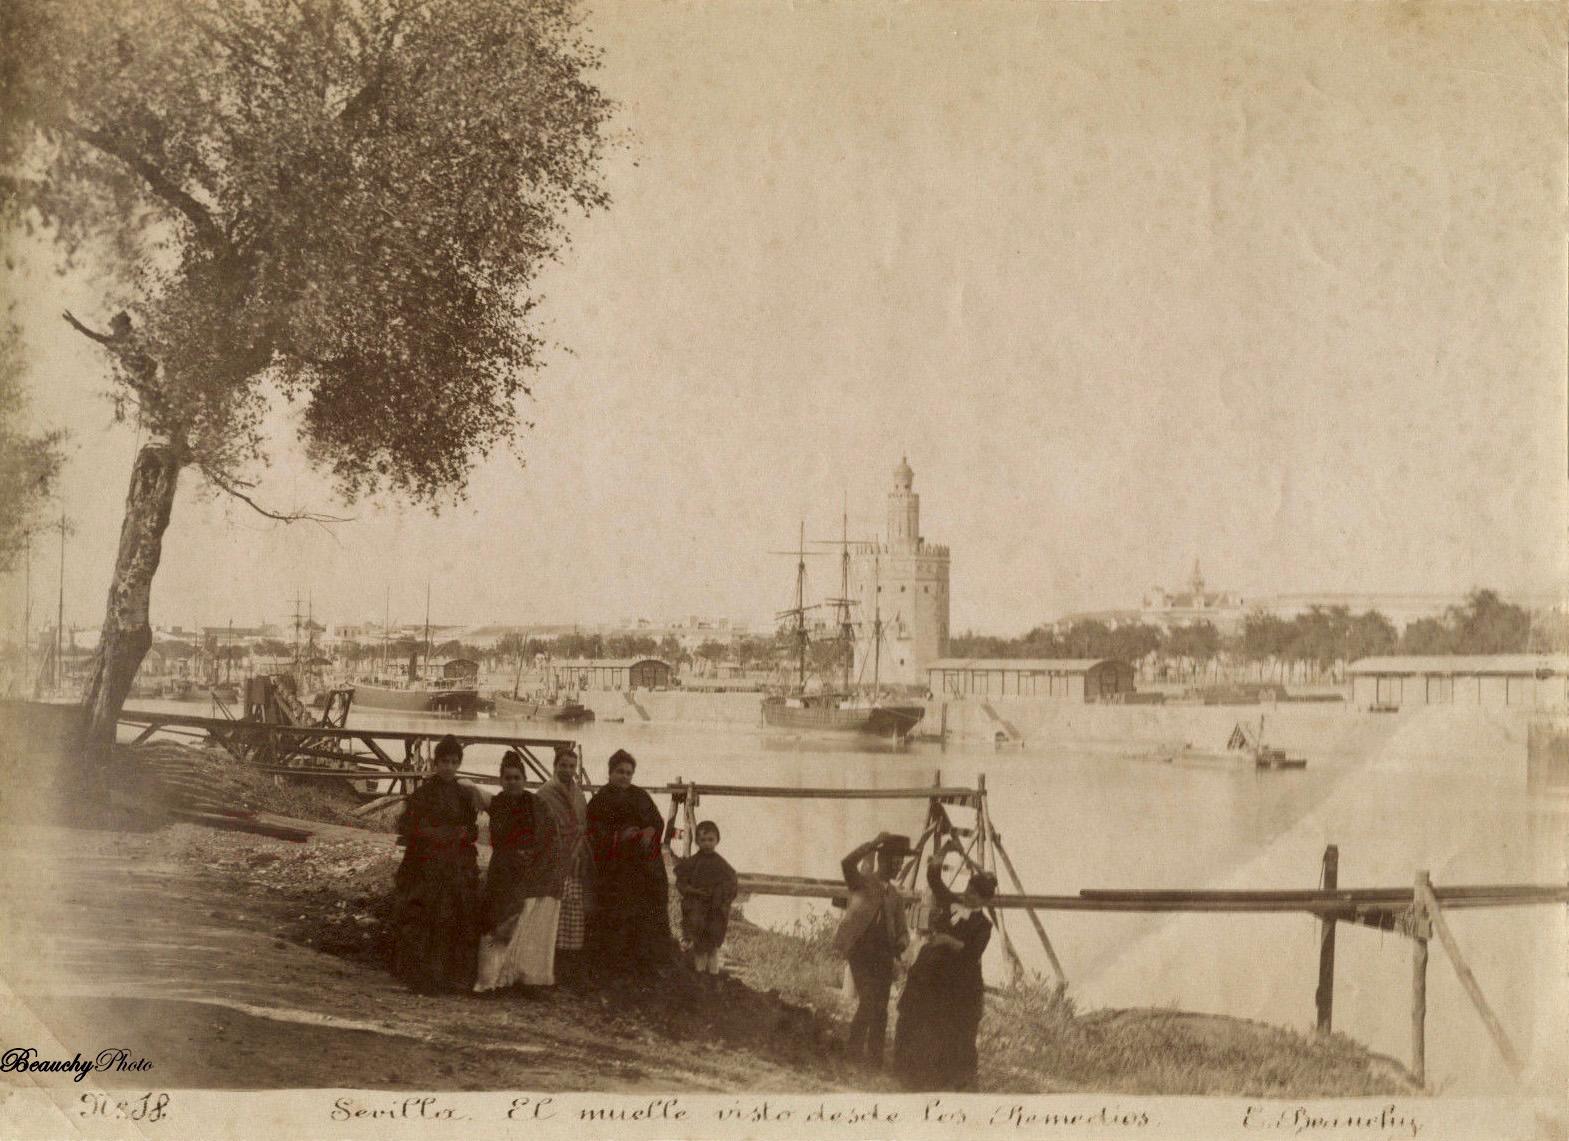 El Muelle visto desde Los Remedios de Sevilla